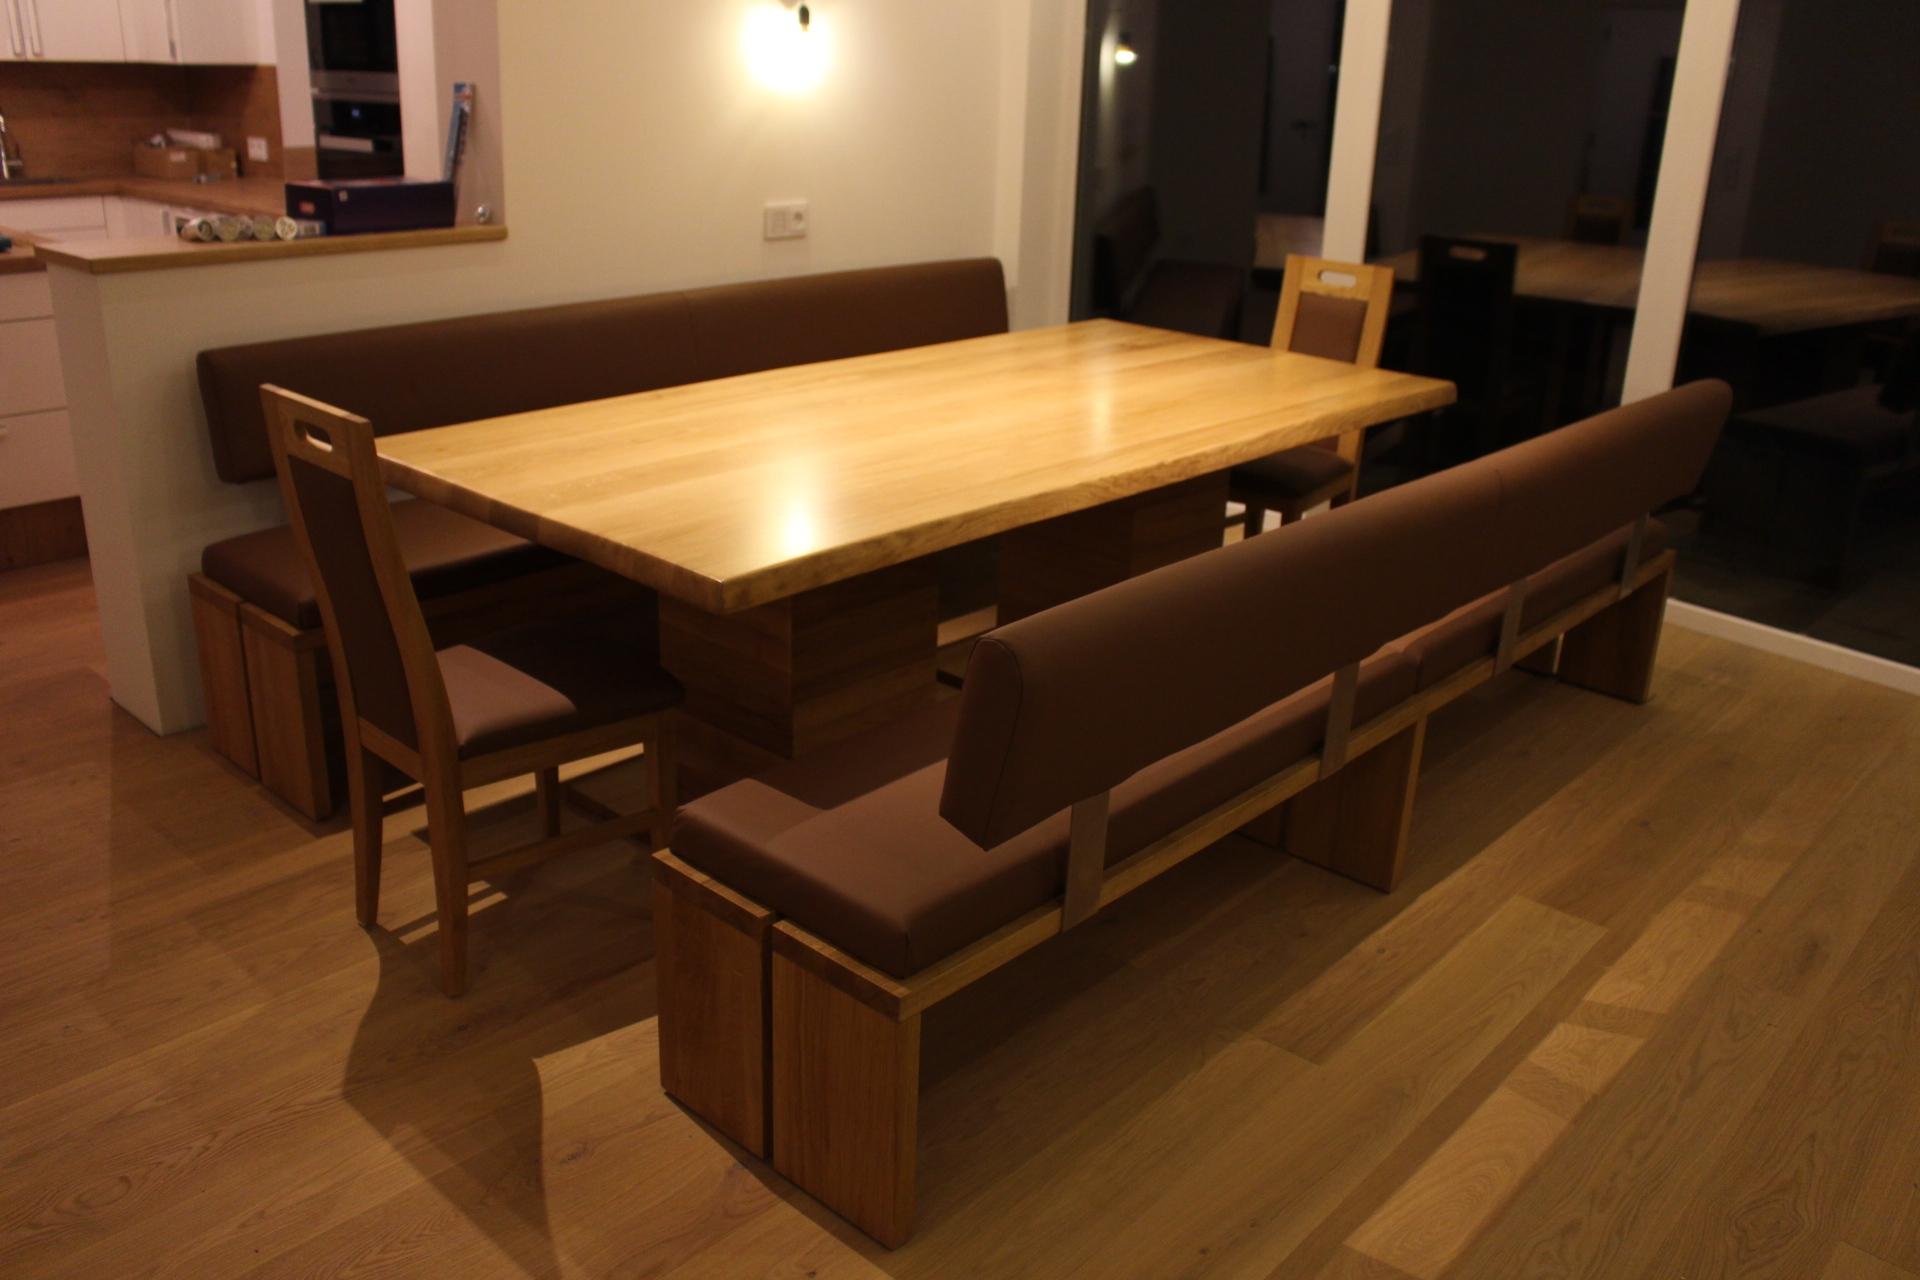 esszimmer npn tischlerei gmbh. Black Bedroom Furniture Sets. Home Design Ideas